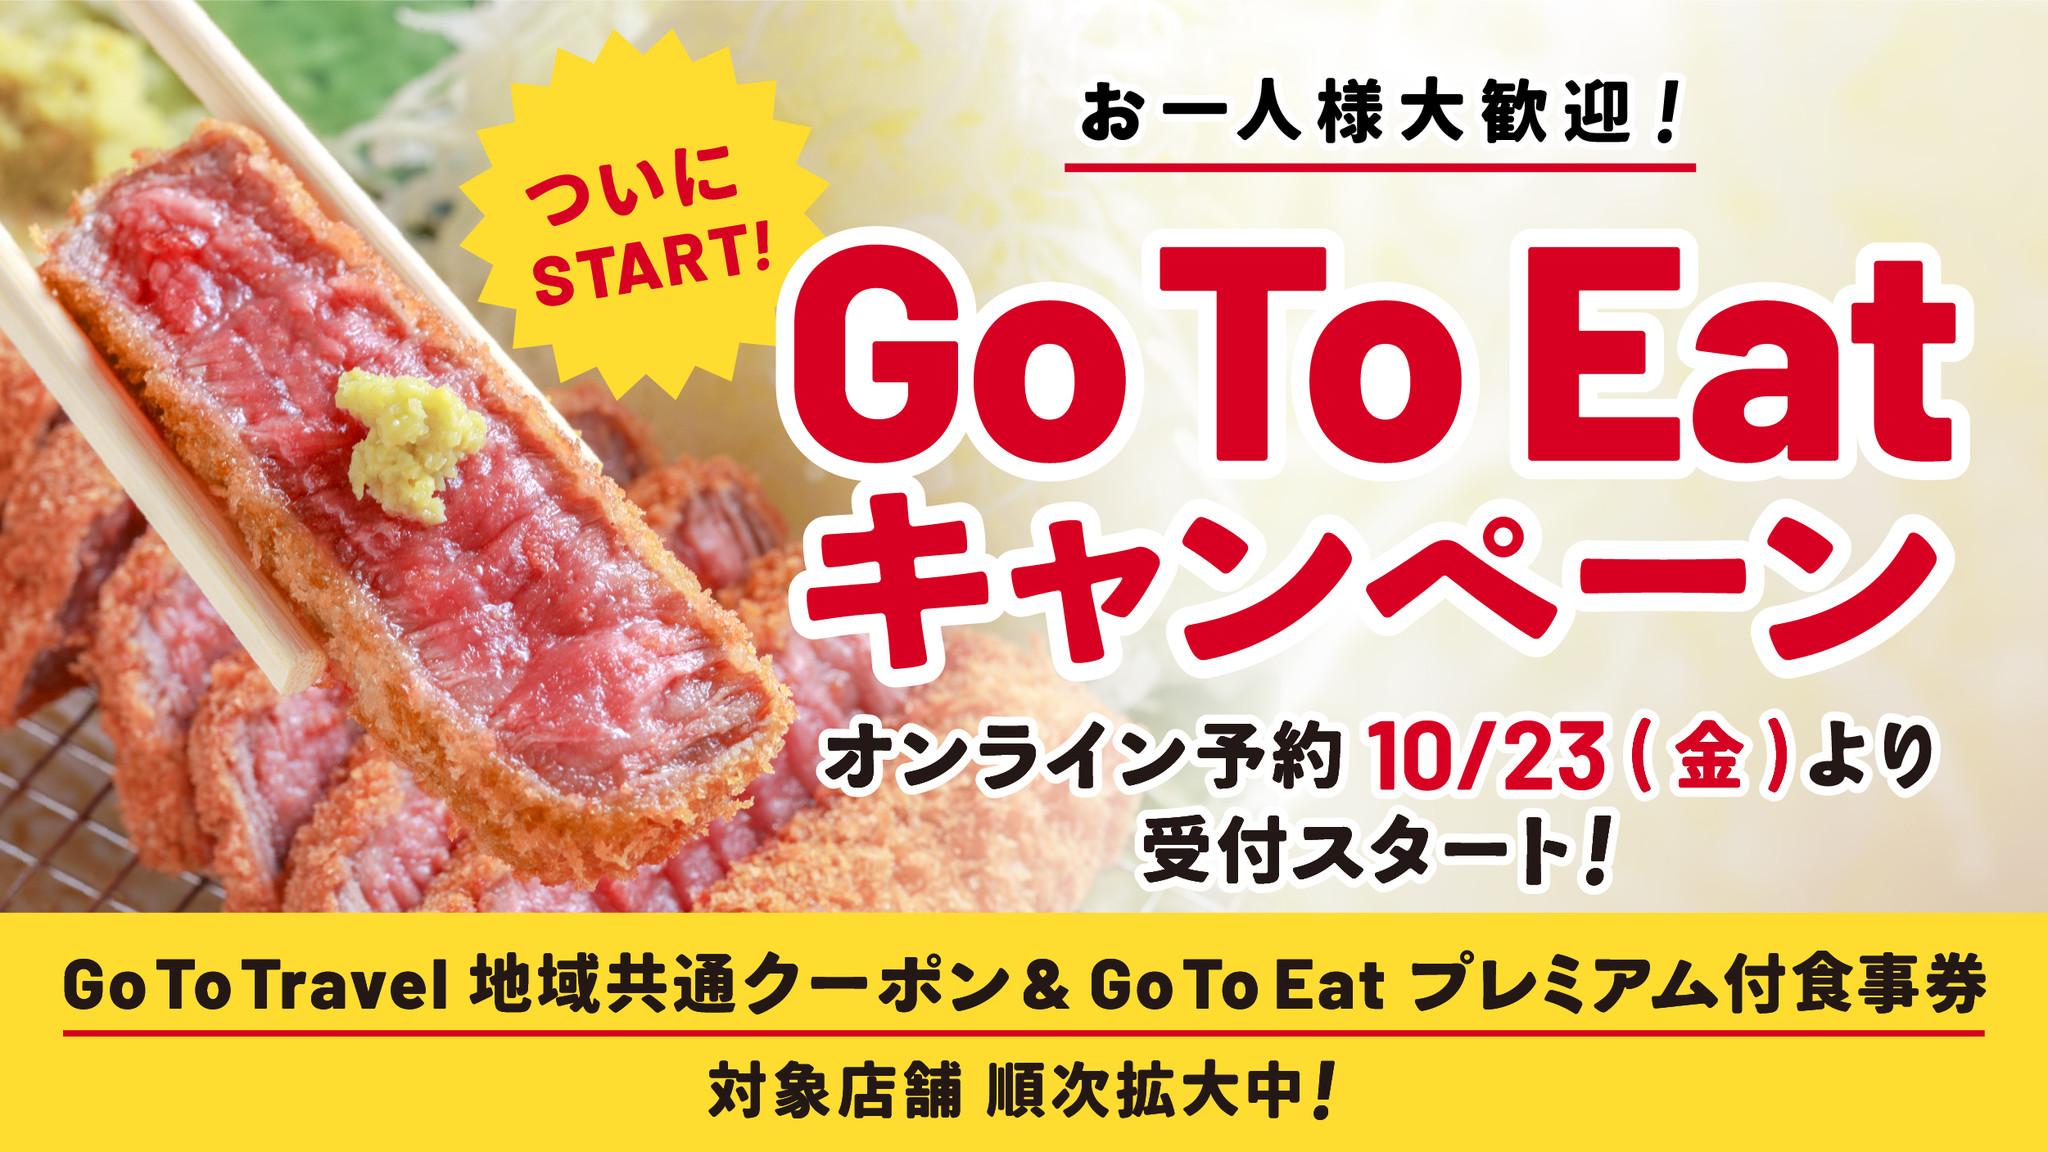 京都 券 プレミアム 食事 Go To